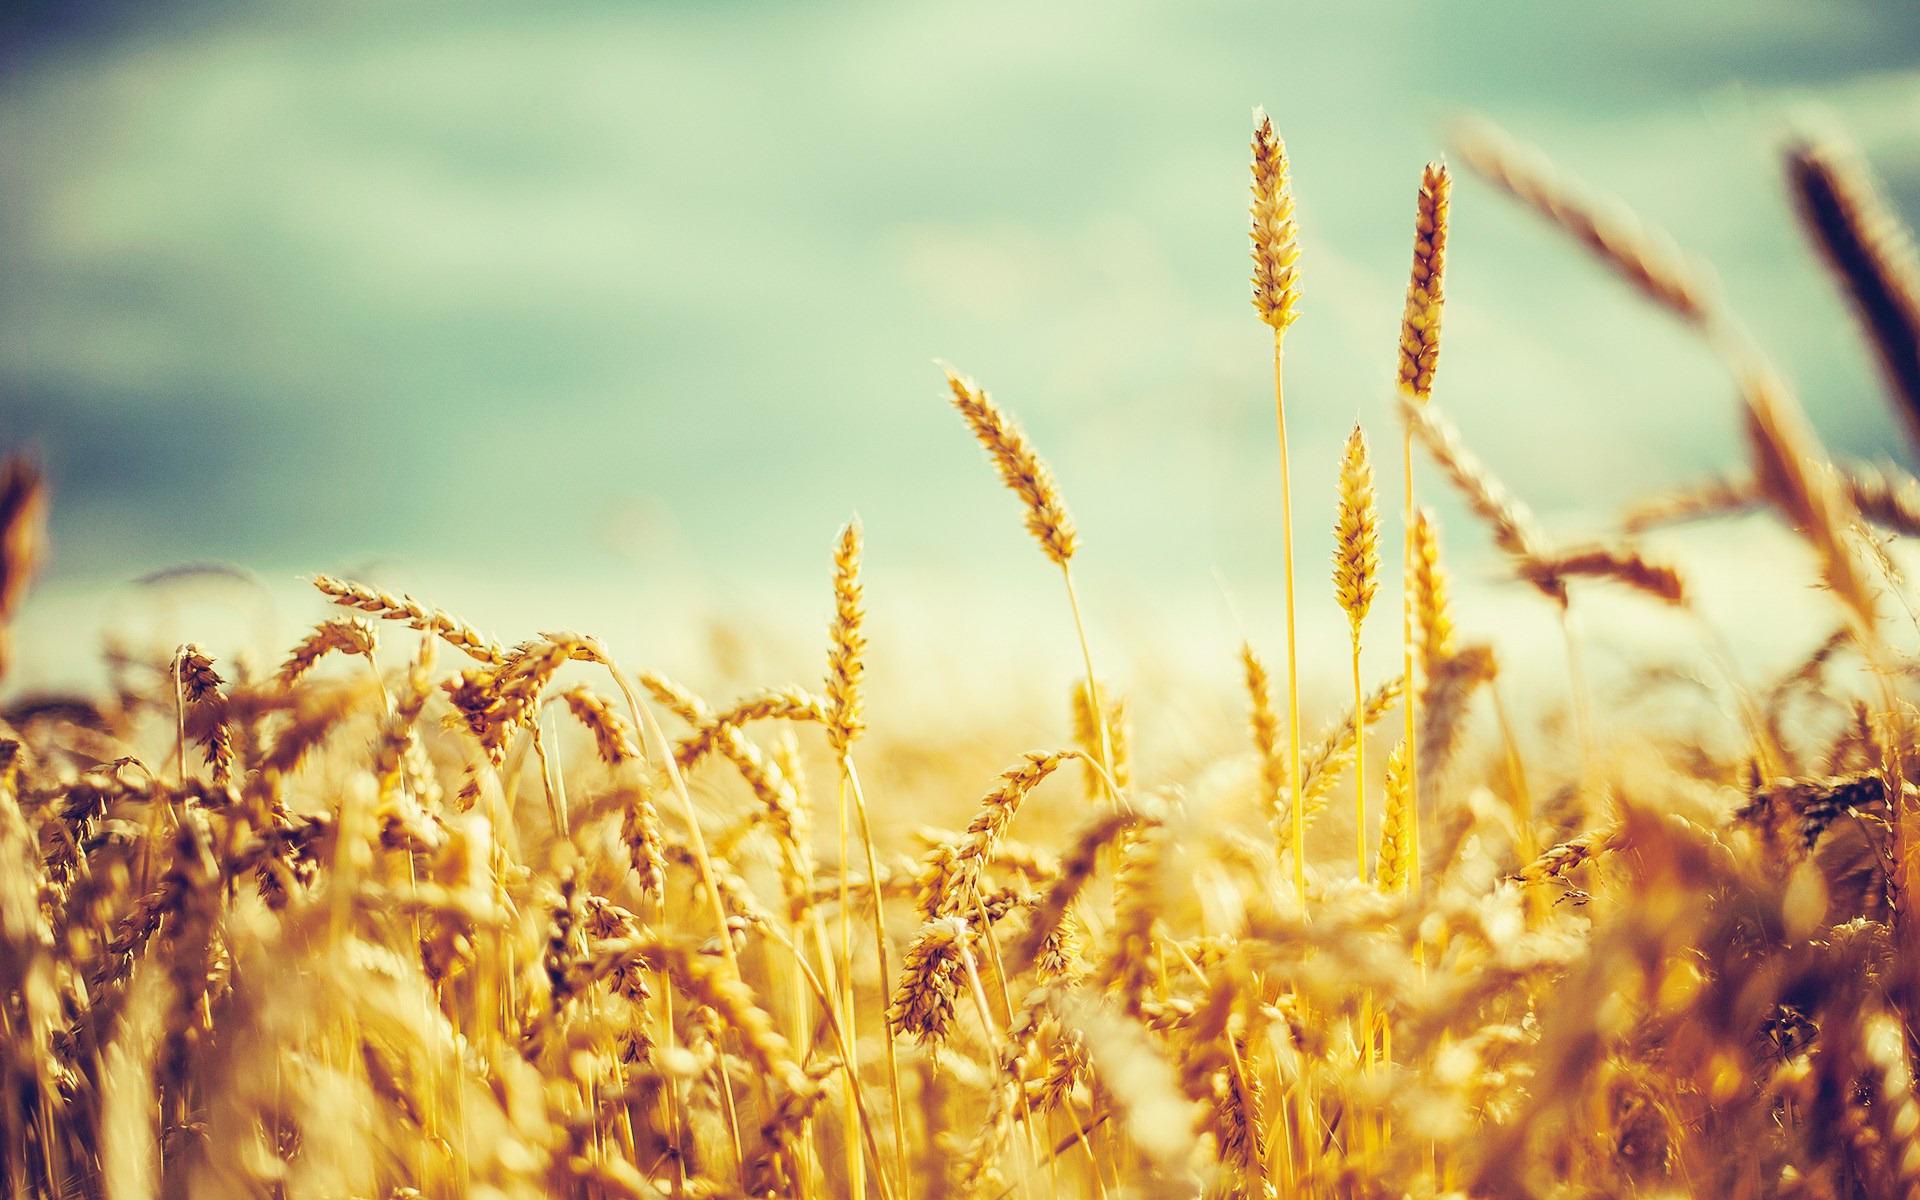 golden-wheat-vintage-plants_504229